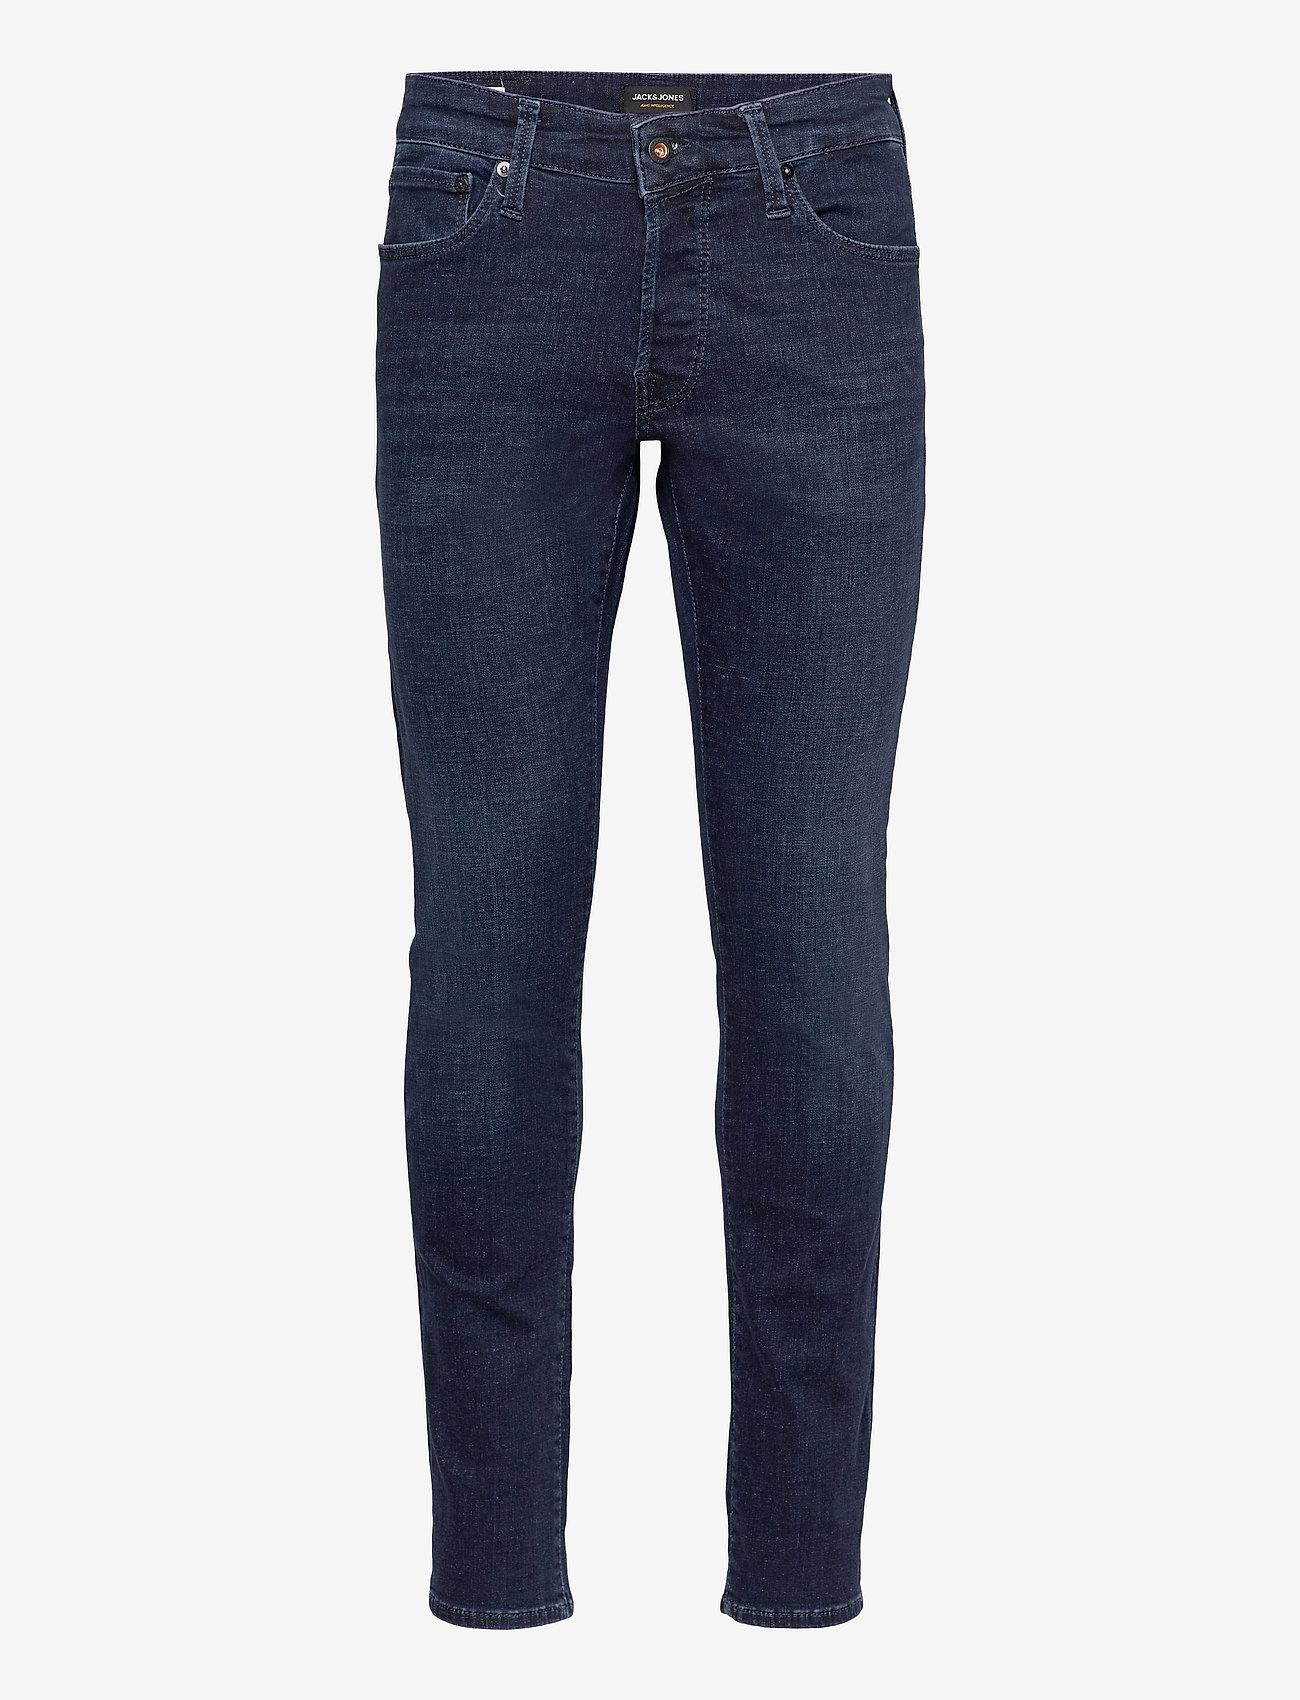 Jack & Jones - JJIGLENN JJICON JJ 757 50SPS NOOS - skinny jeans - blue denim - 0